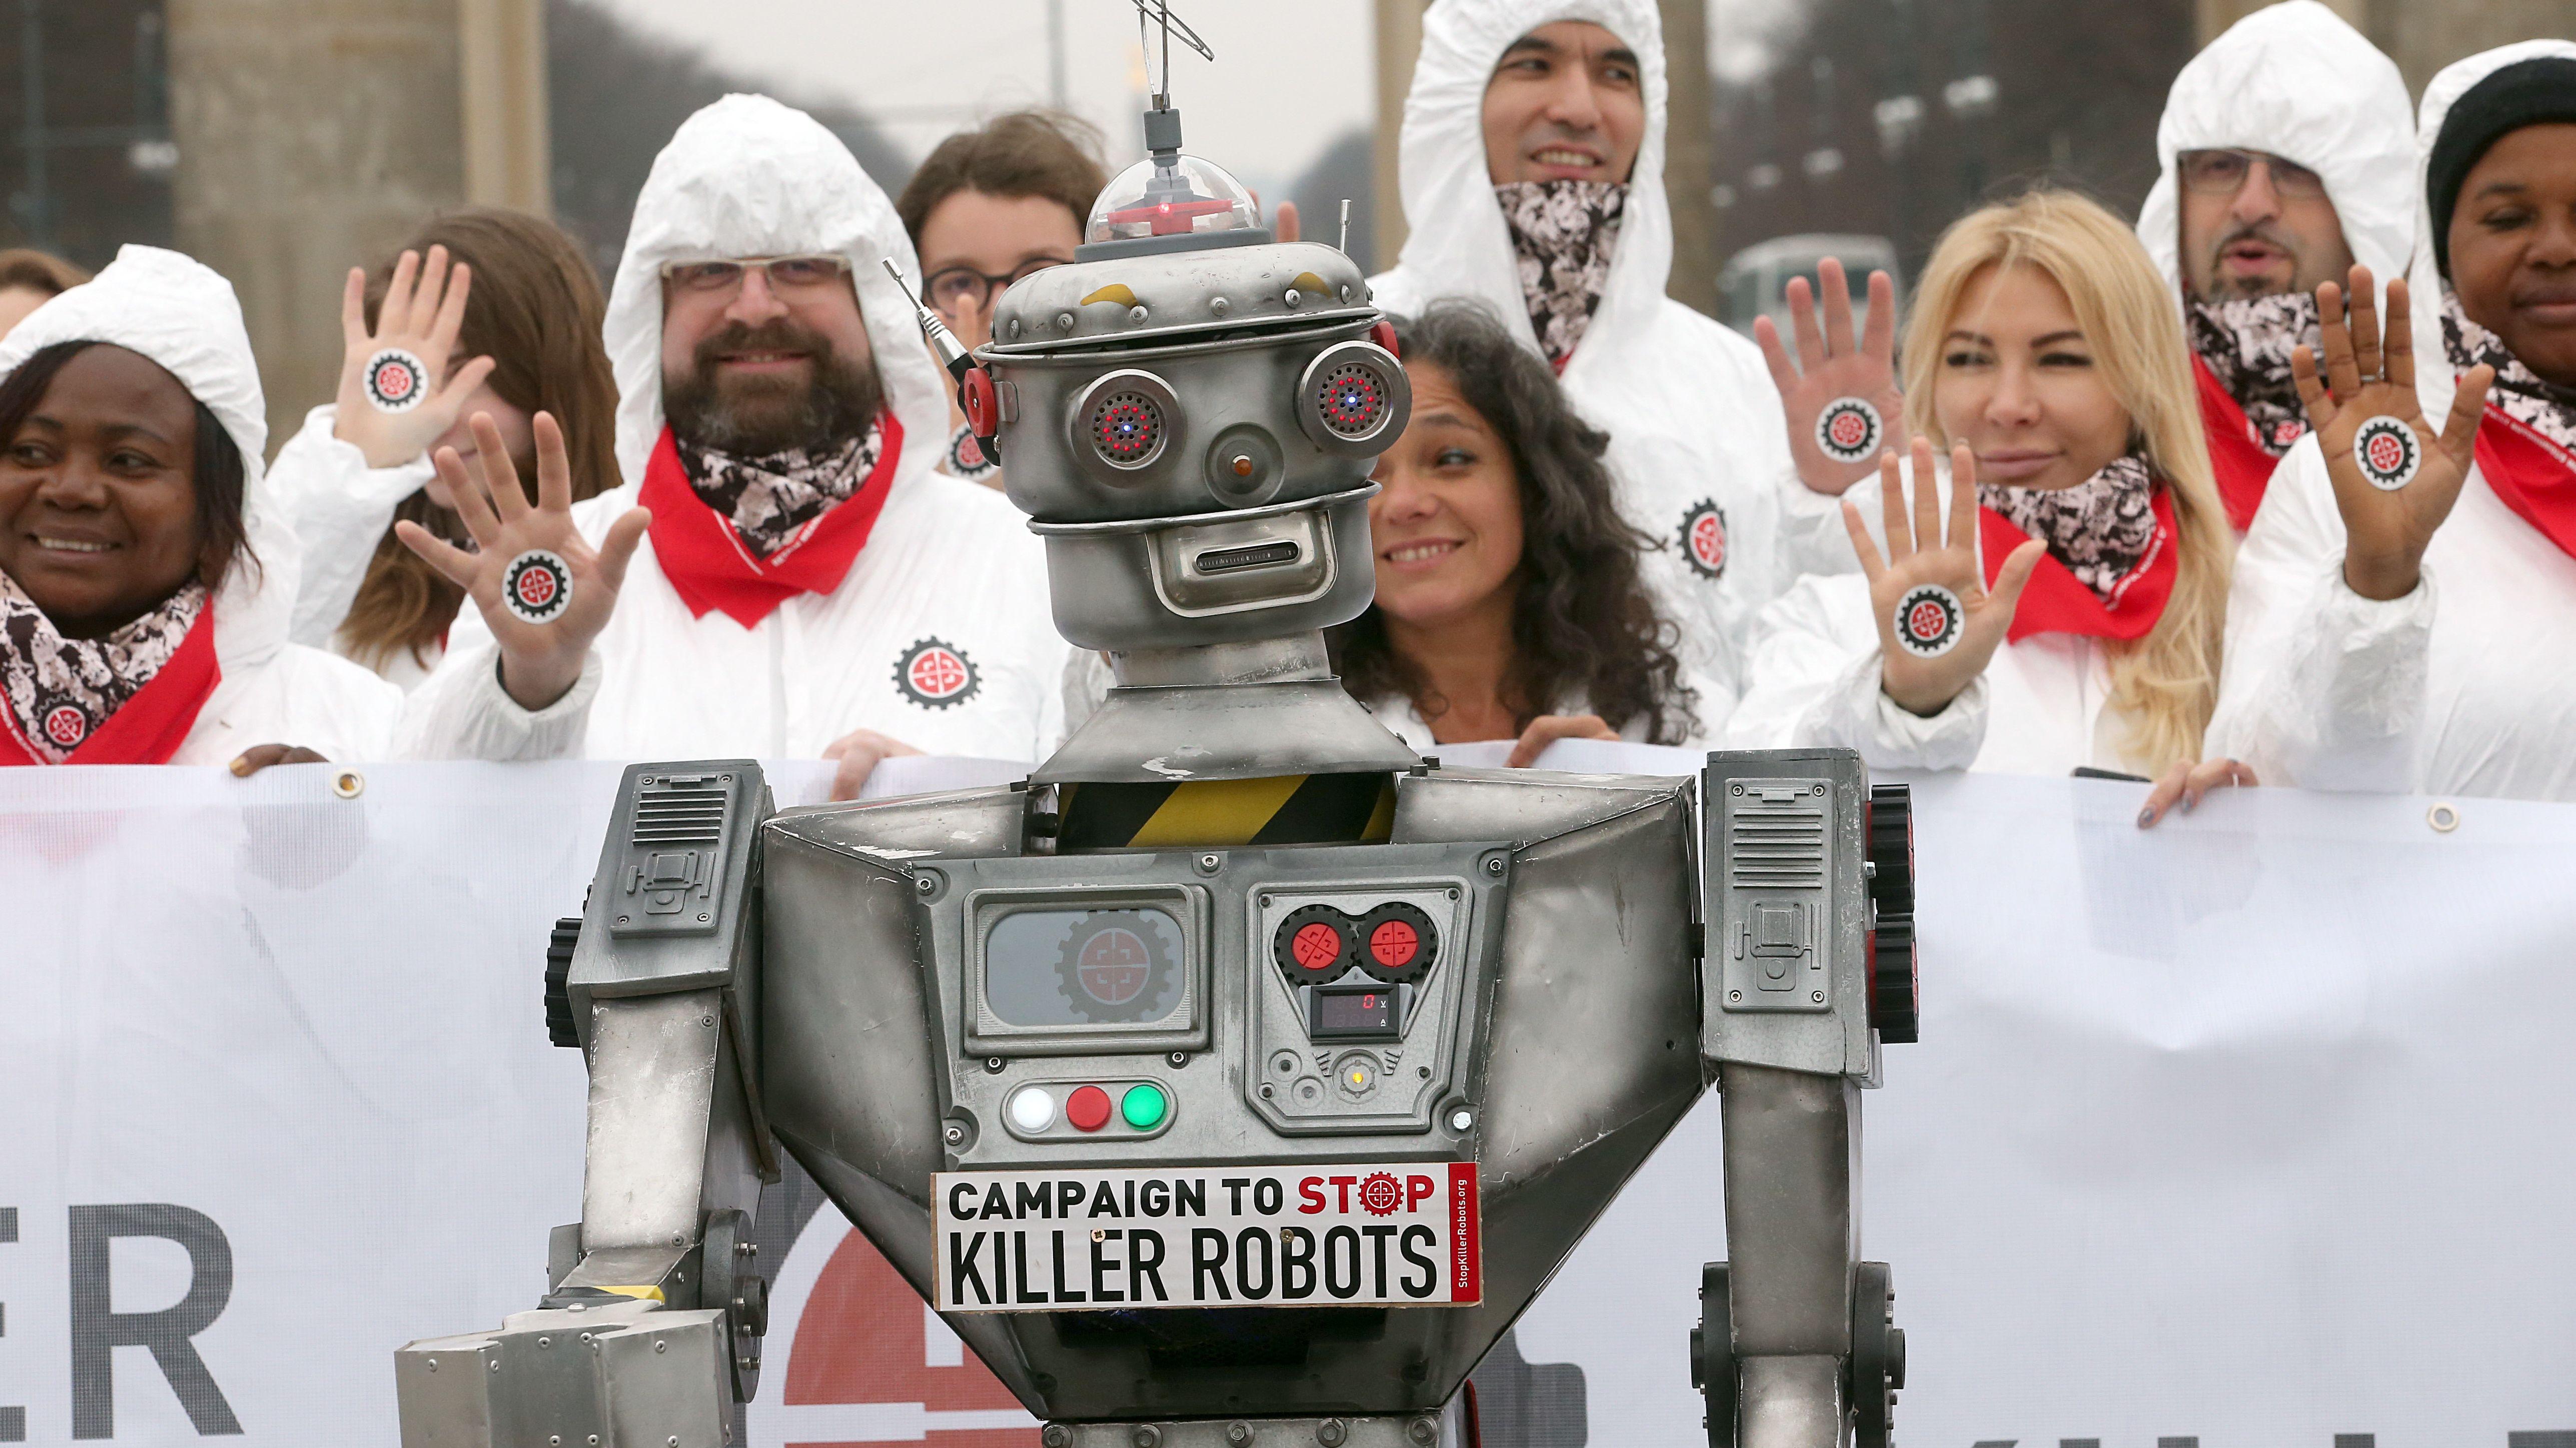 Menschen in Berlin demonstrieren für ein Verbot von Killer-Robotern.